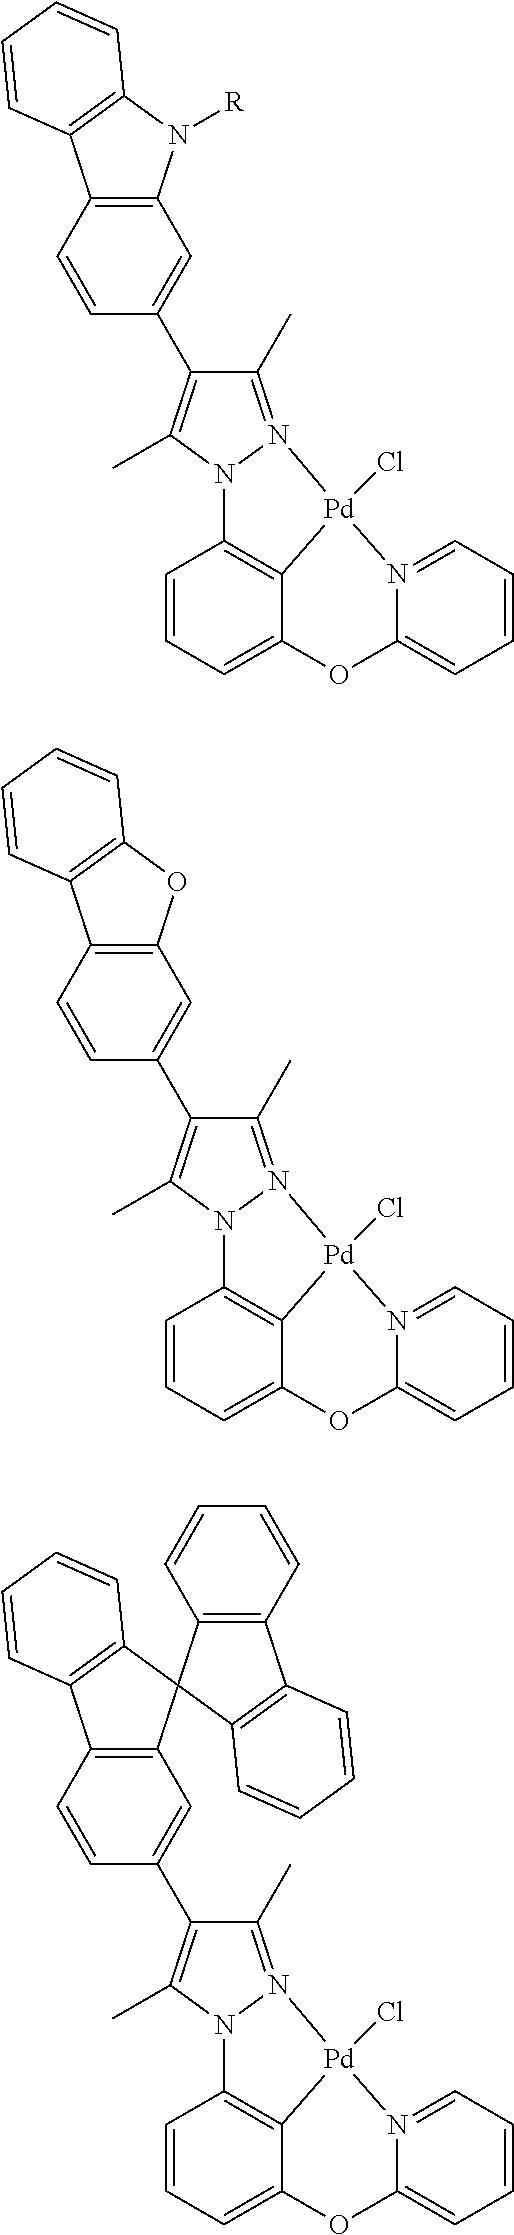 Figure US09818959-20171114-C00526